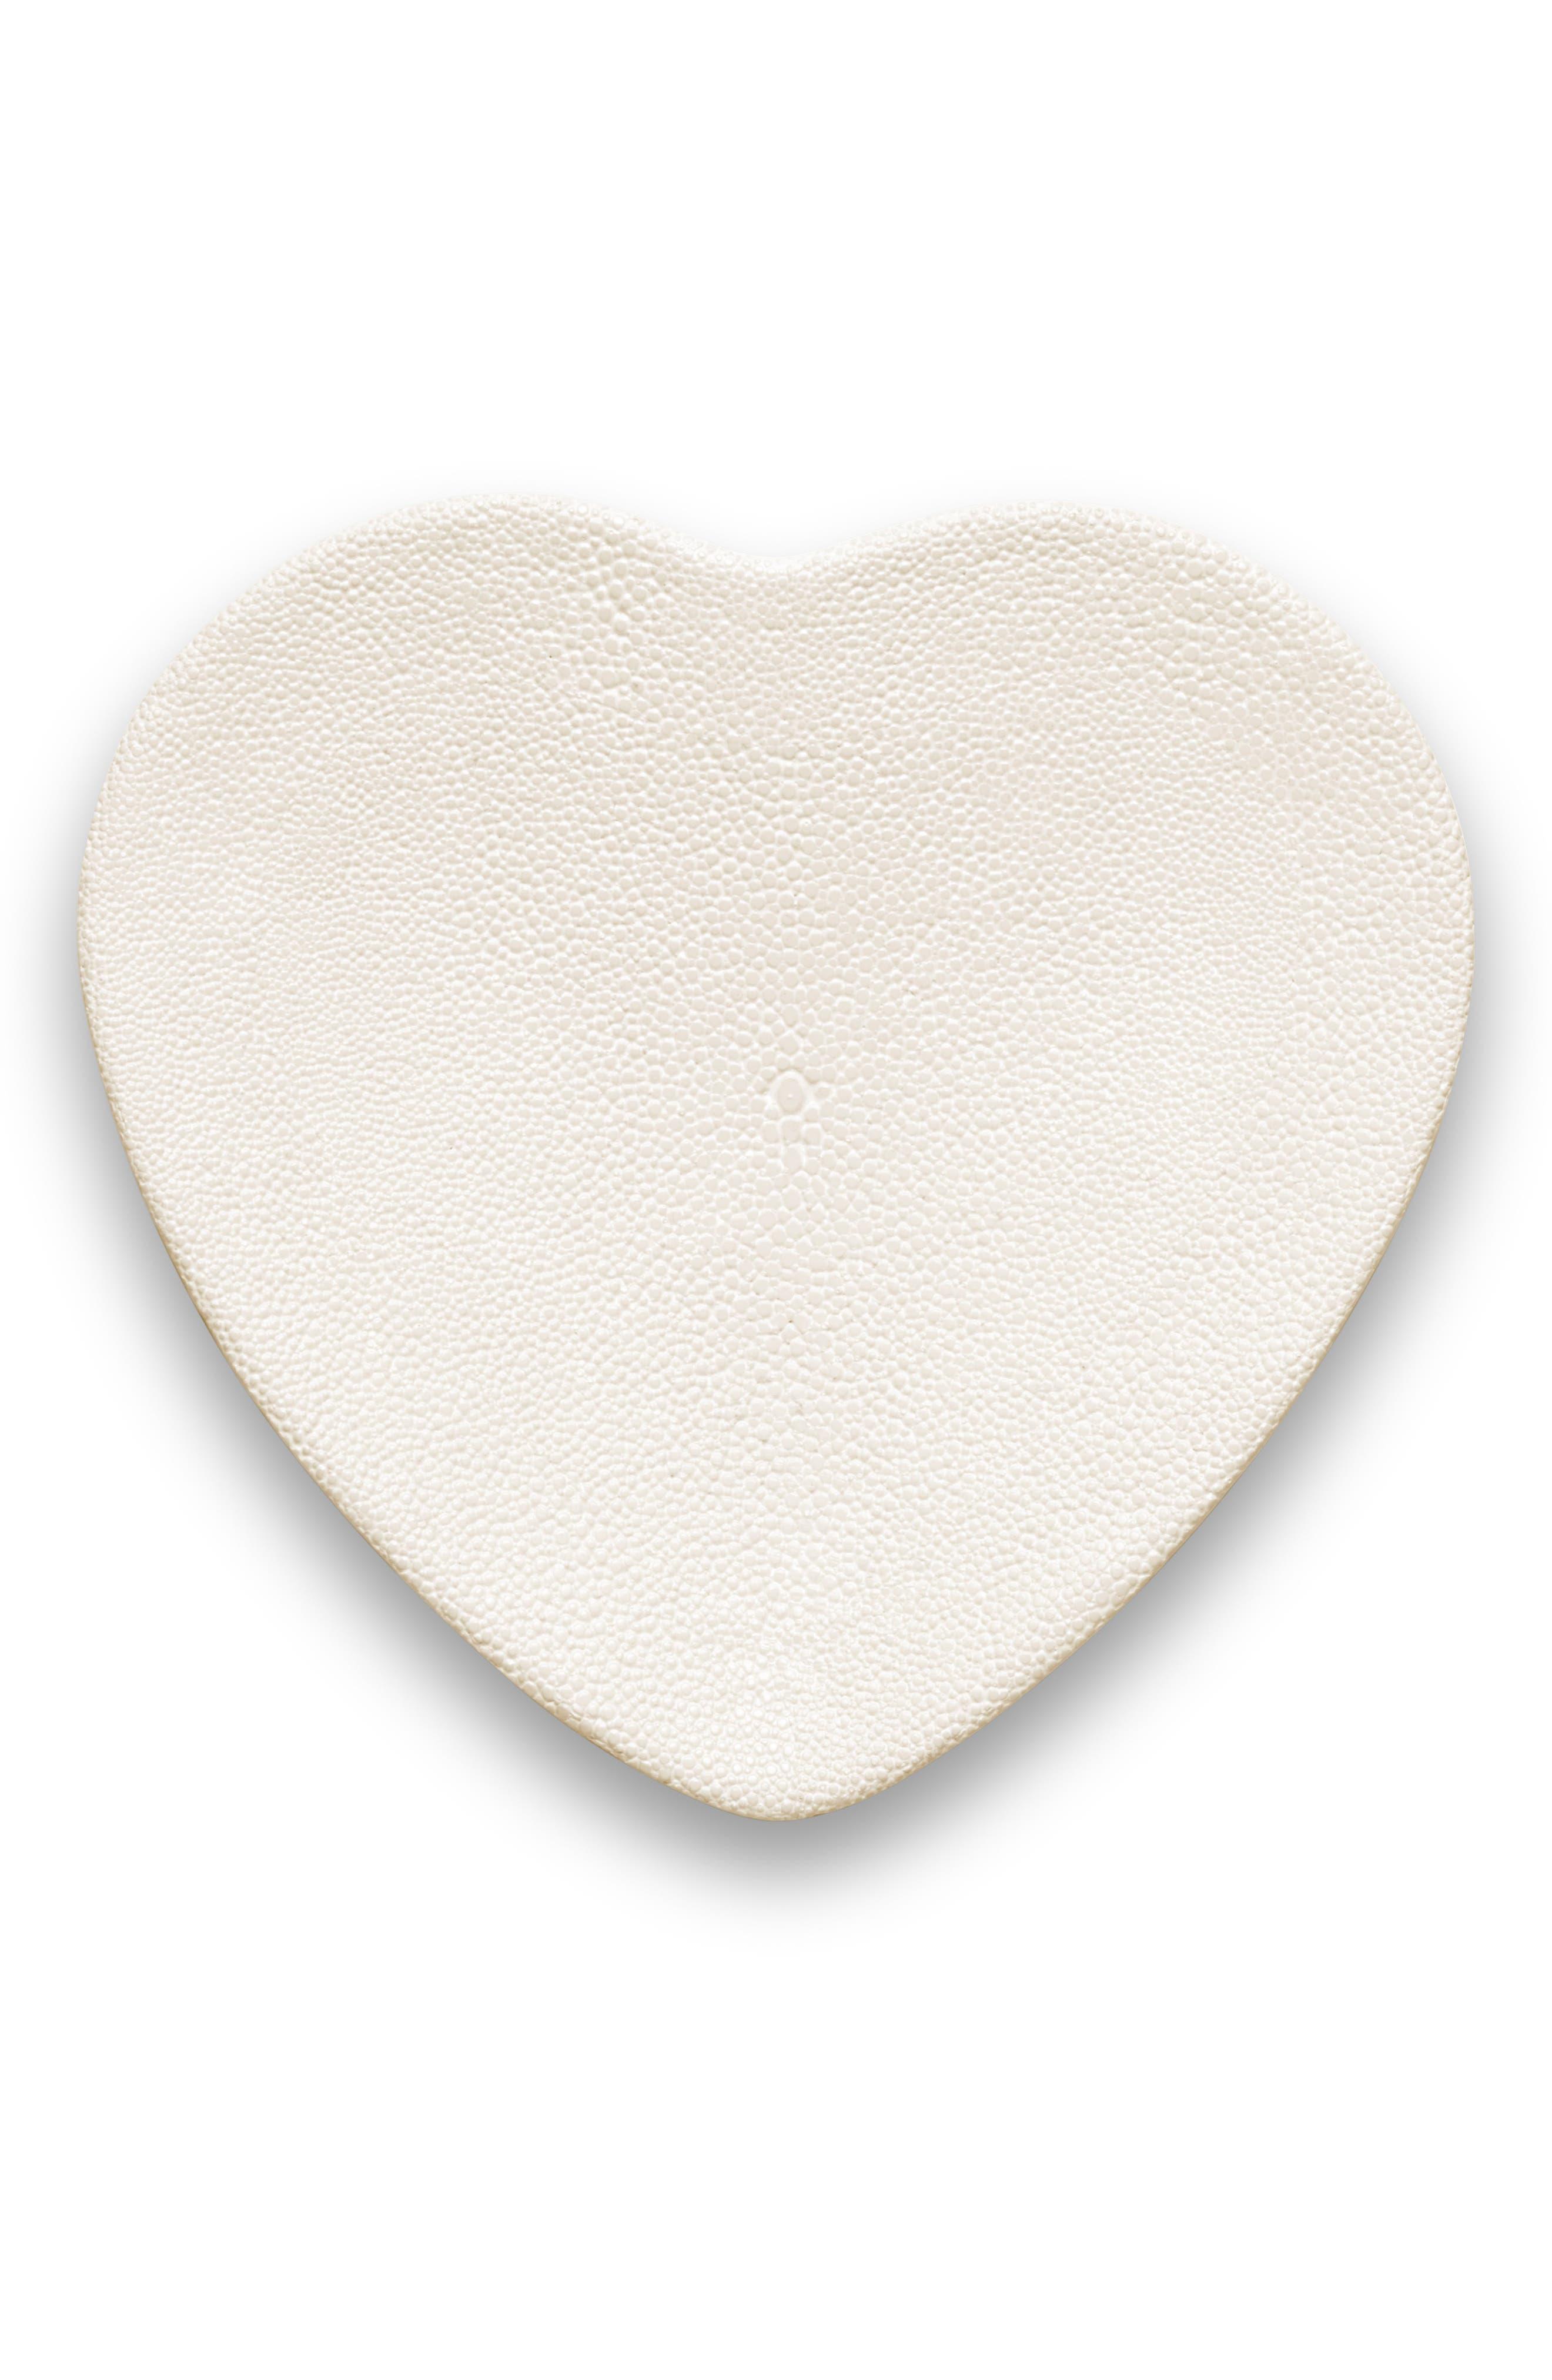 Shagreen Heart Trinket Tray,                             Main thumbnail 1, color,                             900